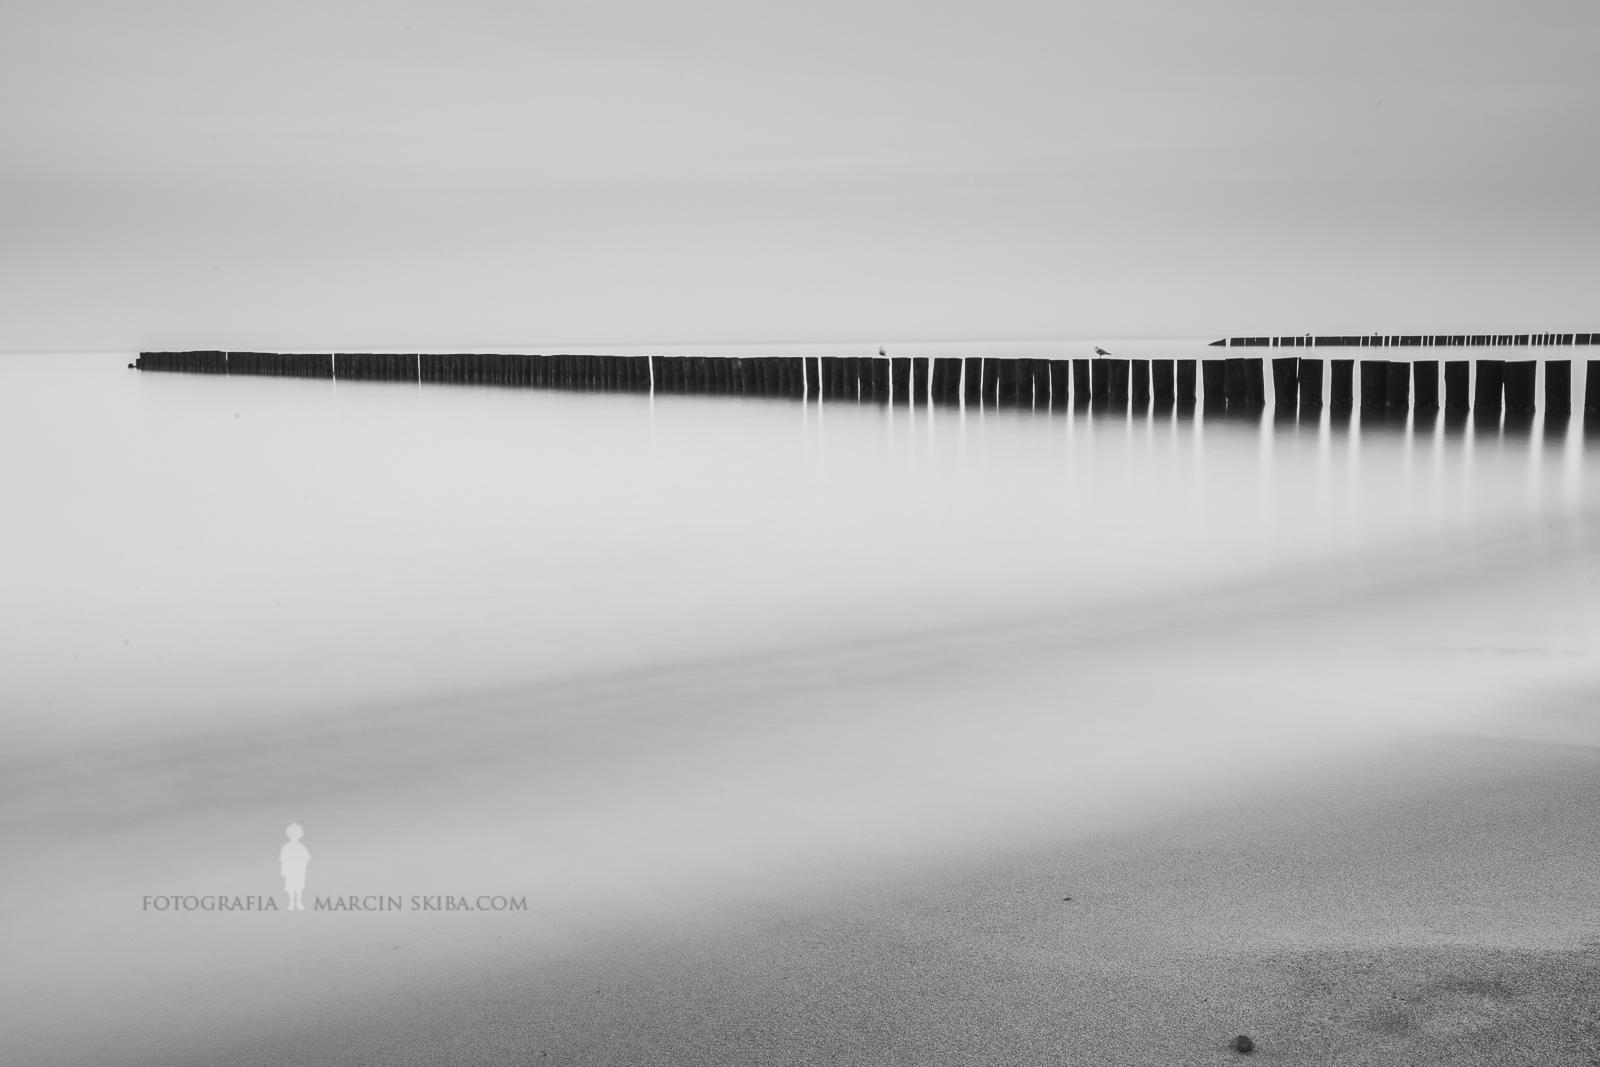 Bałtyk-Morze-Bałtyckie-Ustronie-Morskie-13